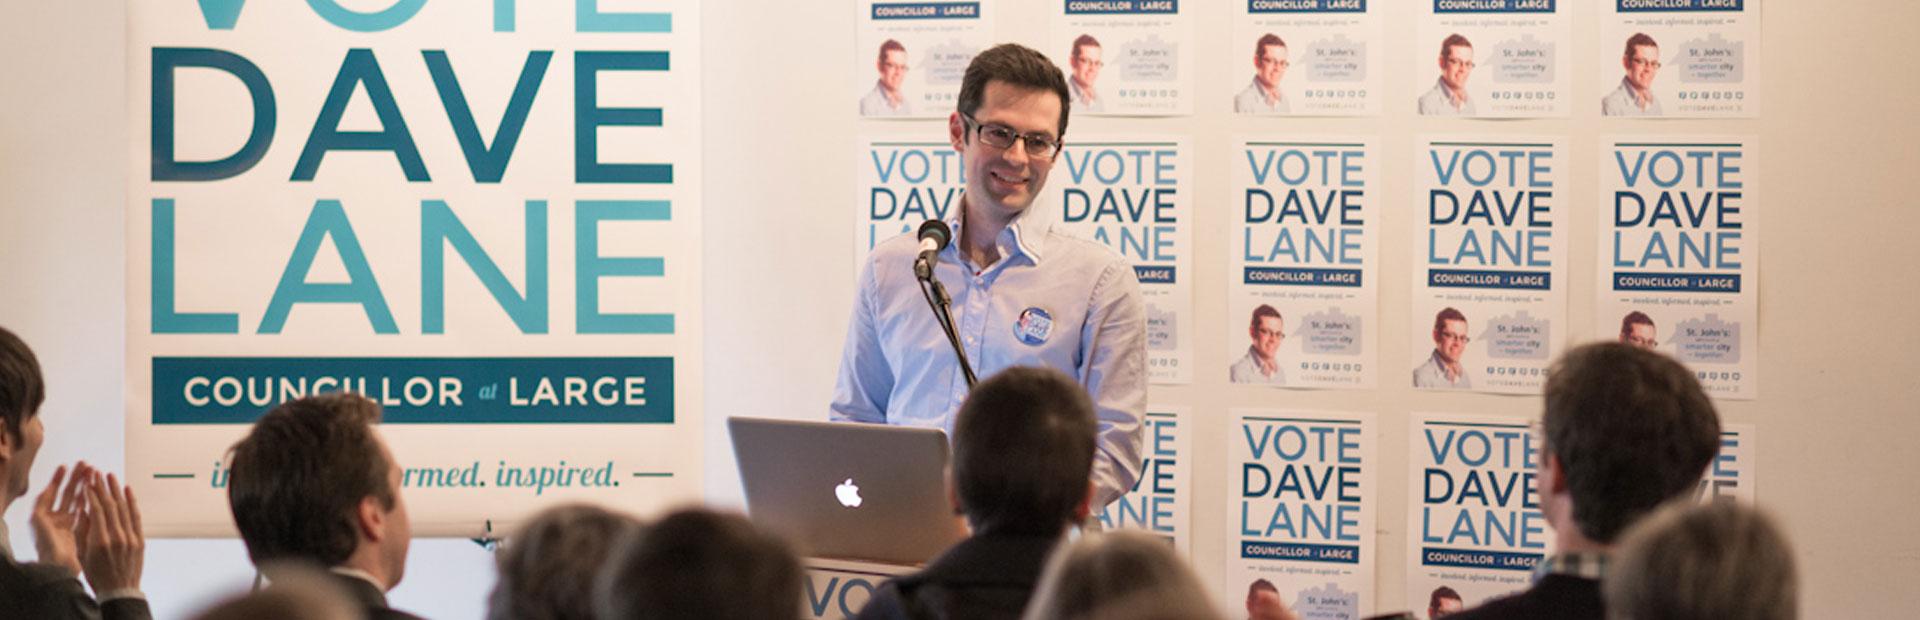 Vote Dave Lane Campaign